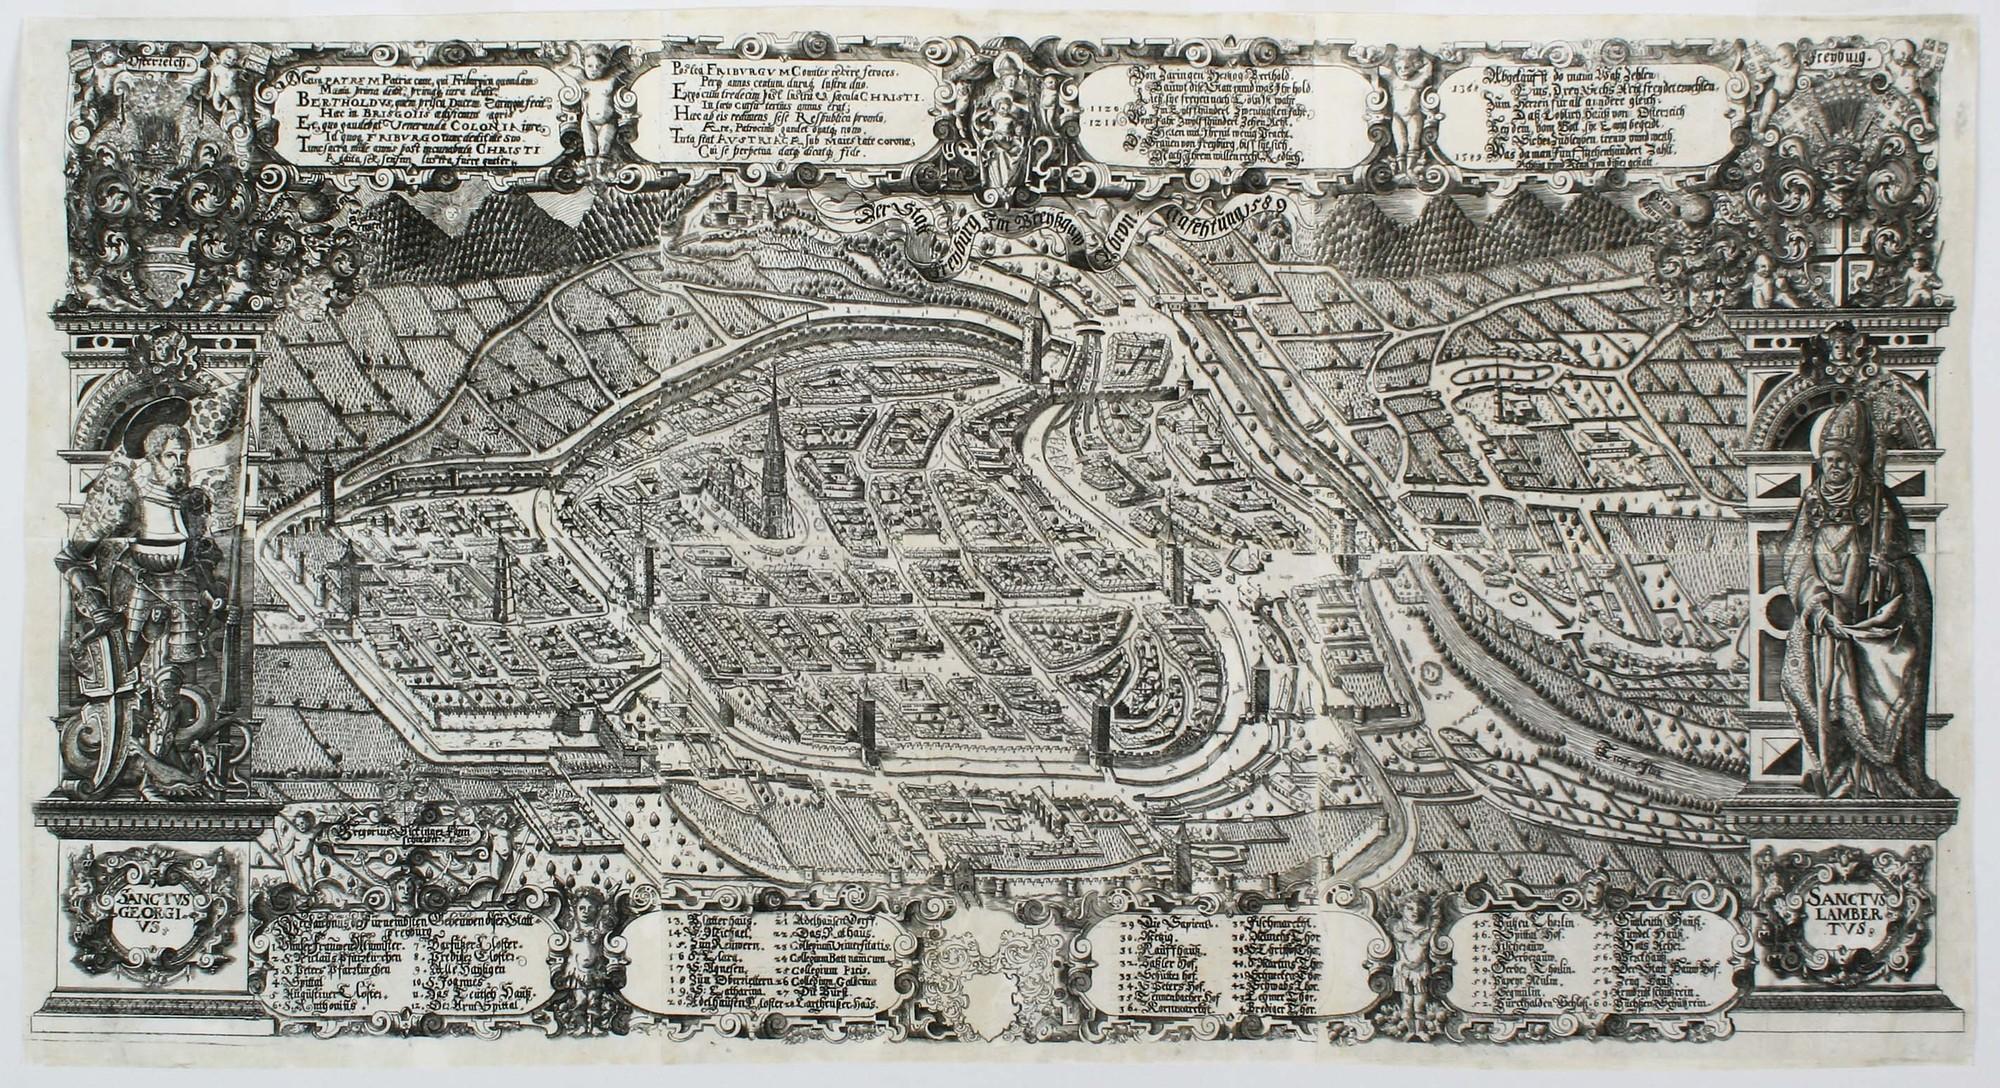 File:Freiburg im Breisgau-1589-Gregorius-Sickinger.jpg